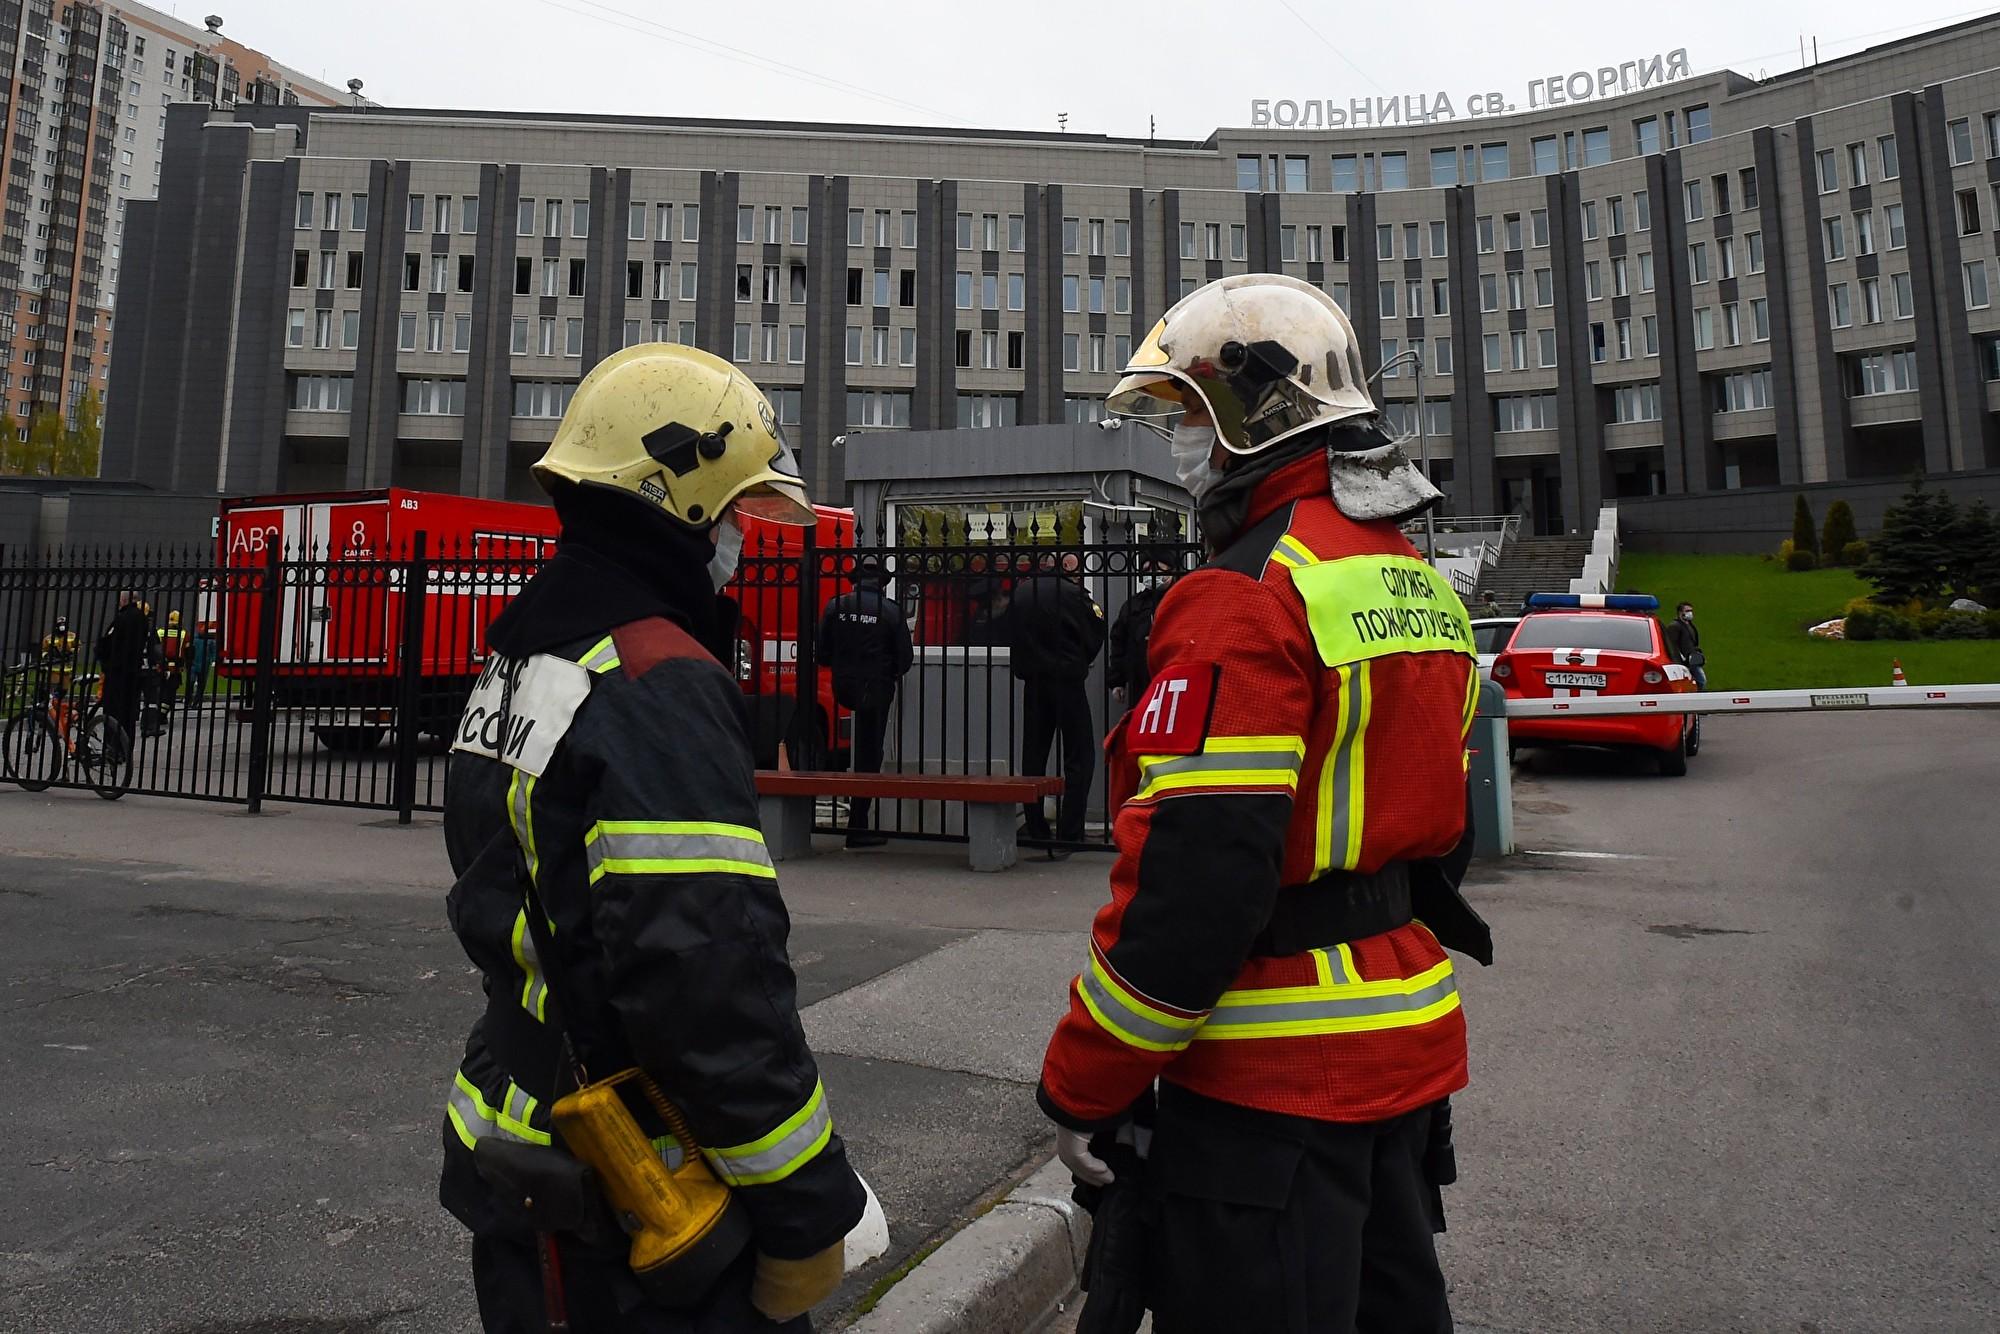 俄國聖彼得堡醫院大火 五名肺炎重症者喪生